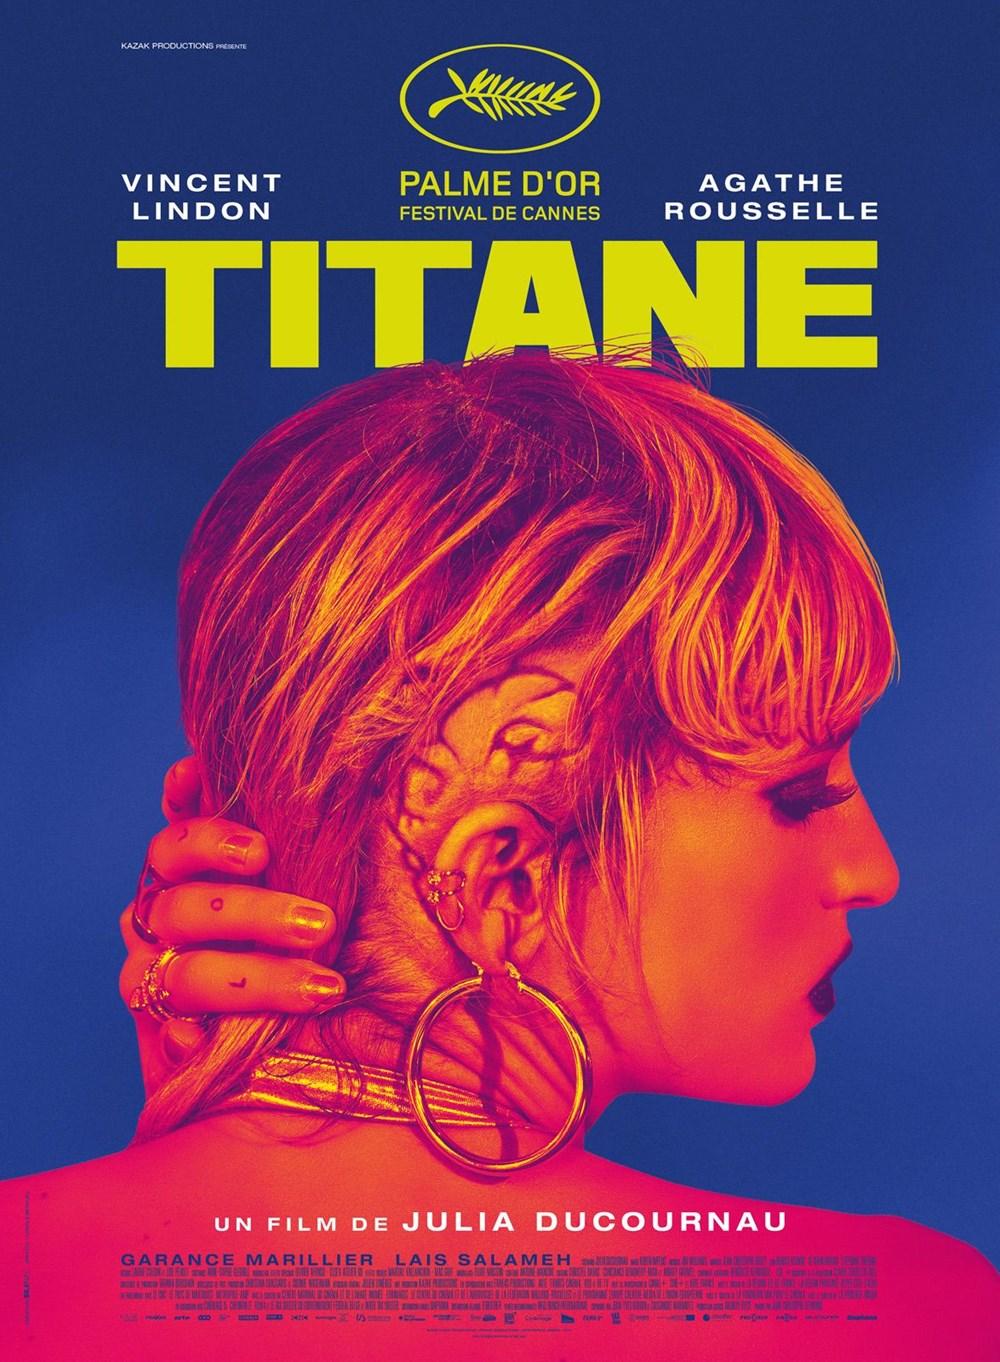 Fransa'nın Oscar adayı Titane filmi oldu - 1